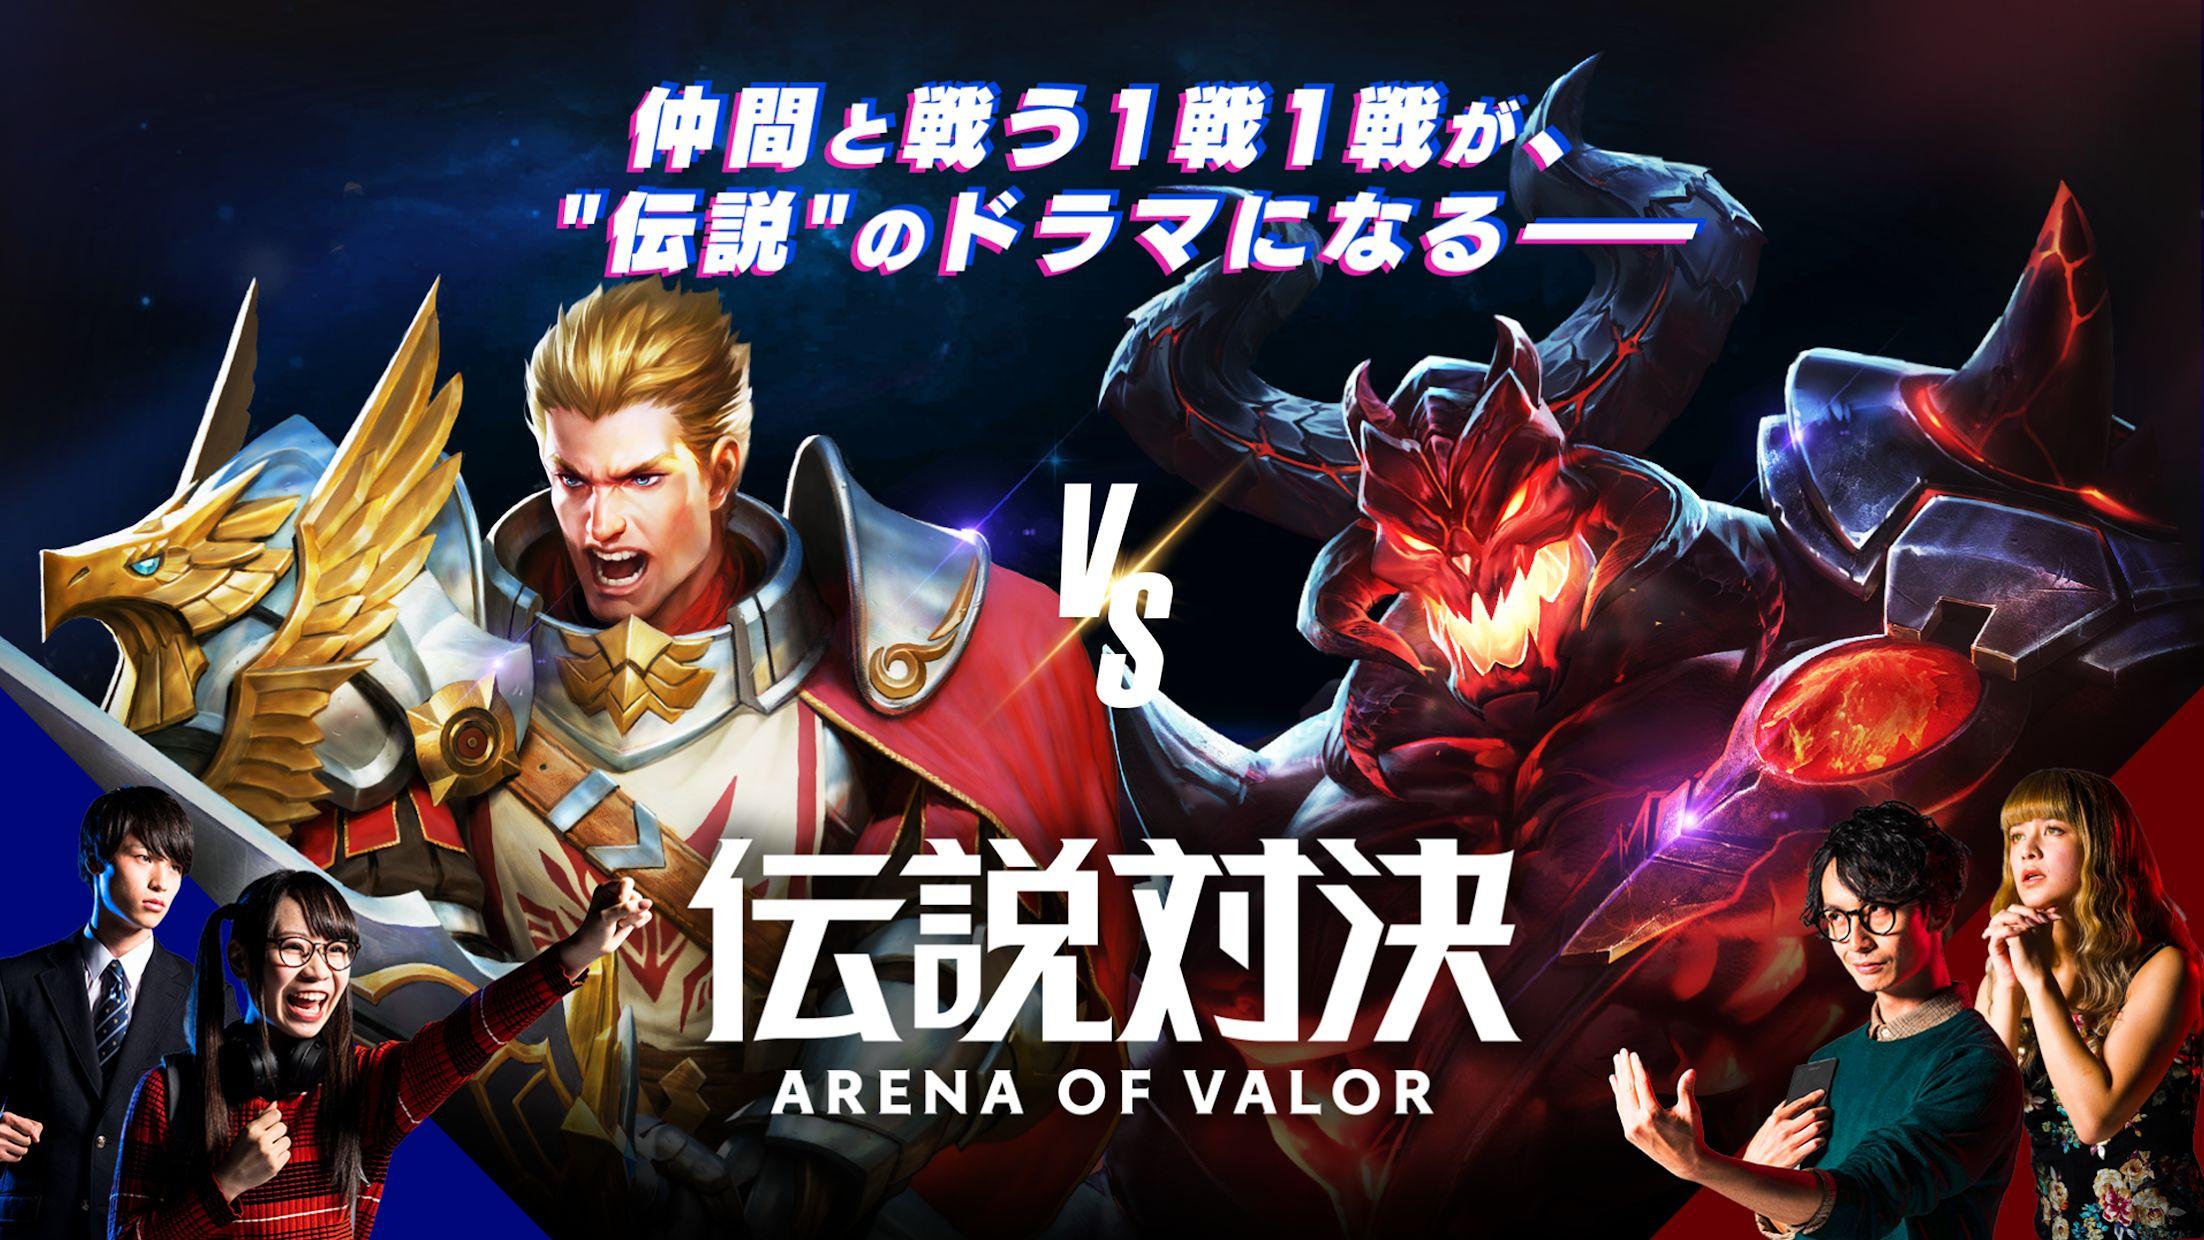 传说对决 -Arena of Valor-(王者荣耀 日服) 游戏截图1